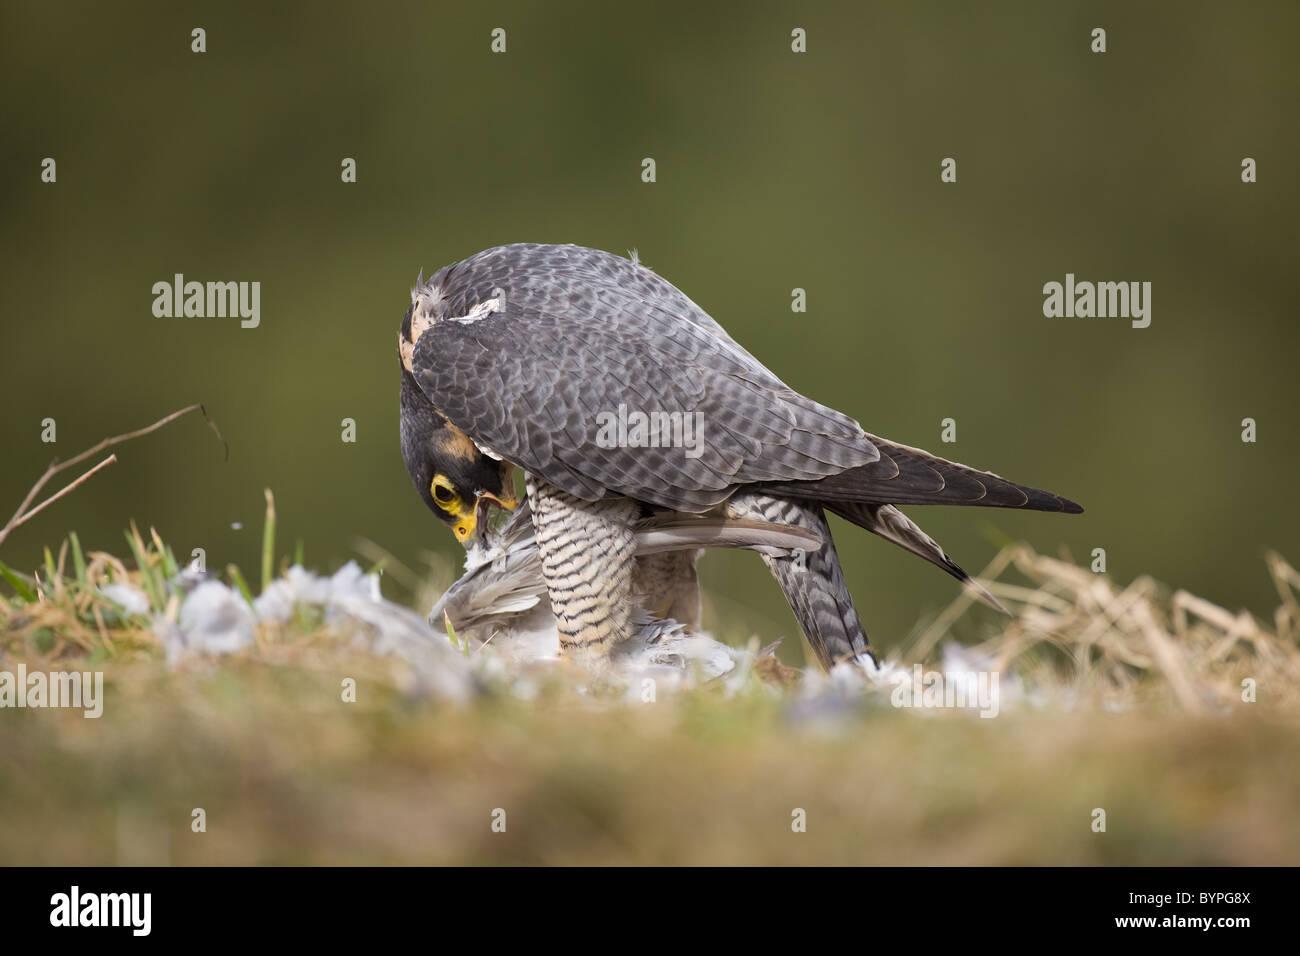 Wanderfalke (Falco peregrinus) rupft Taube, Rheinland-Pfalz, Deutschland, Europa - Stock Image